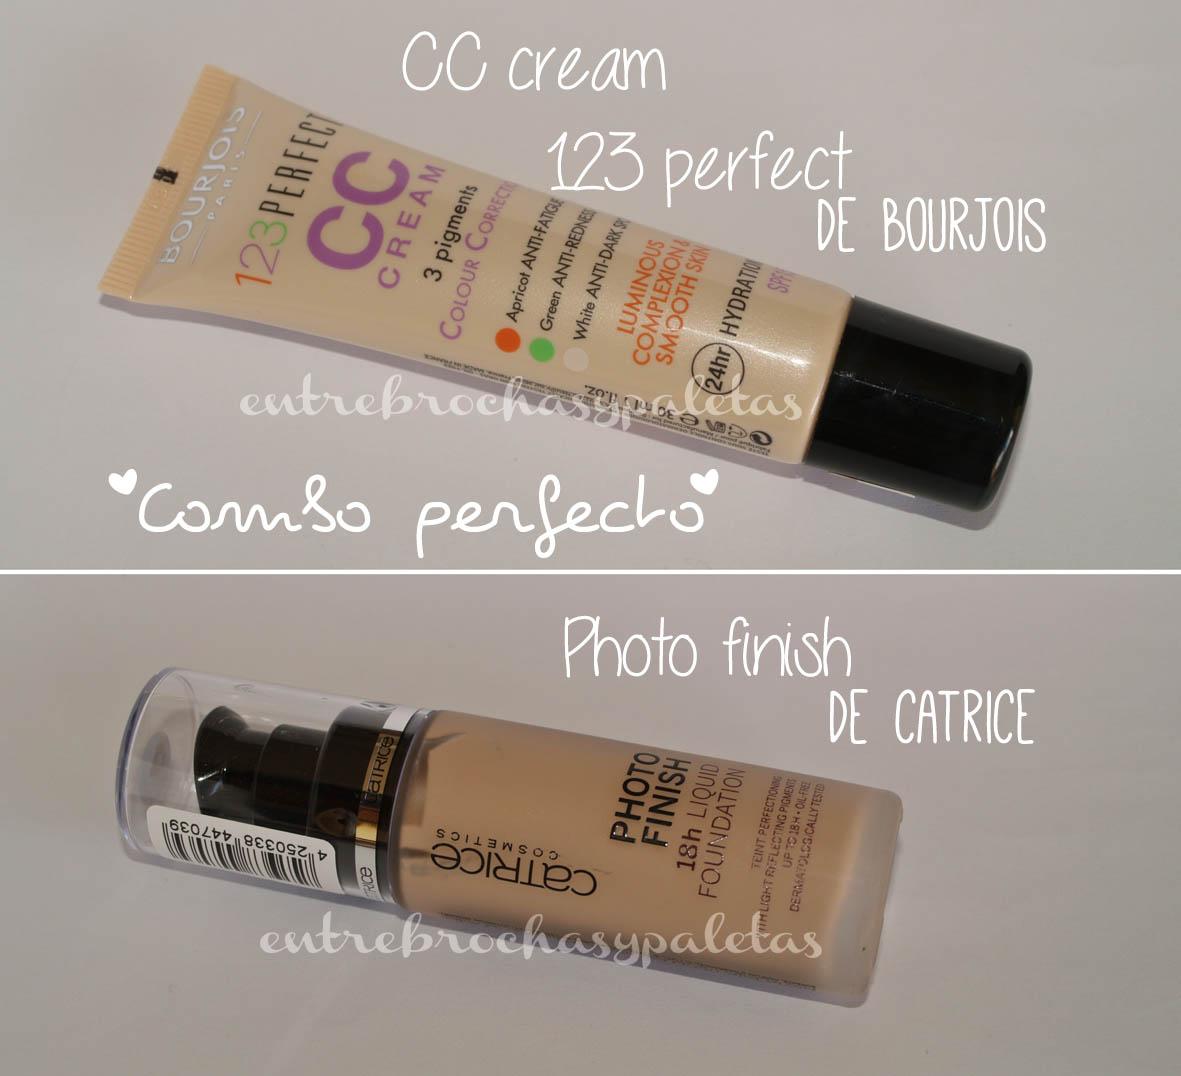 cc cream bourjois